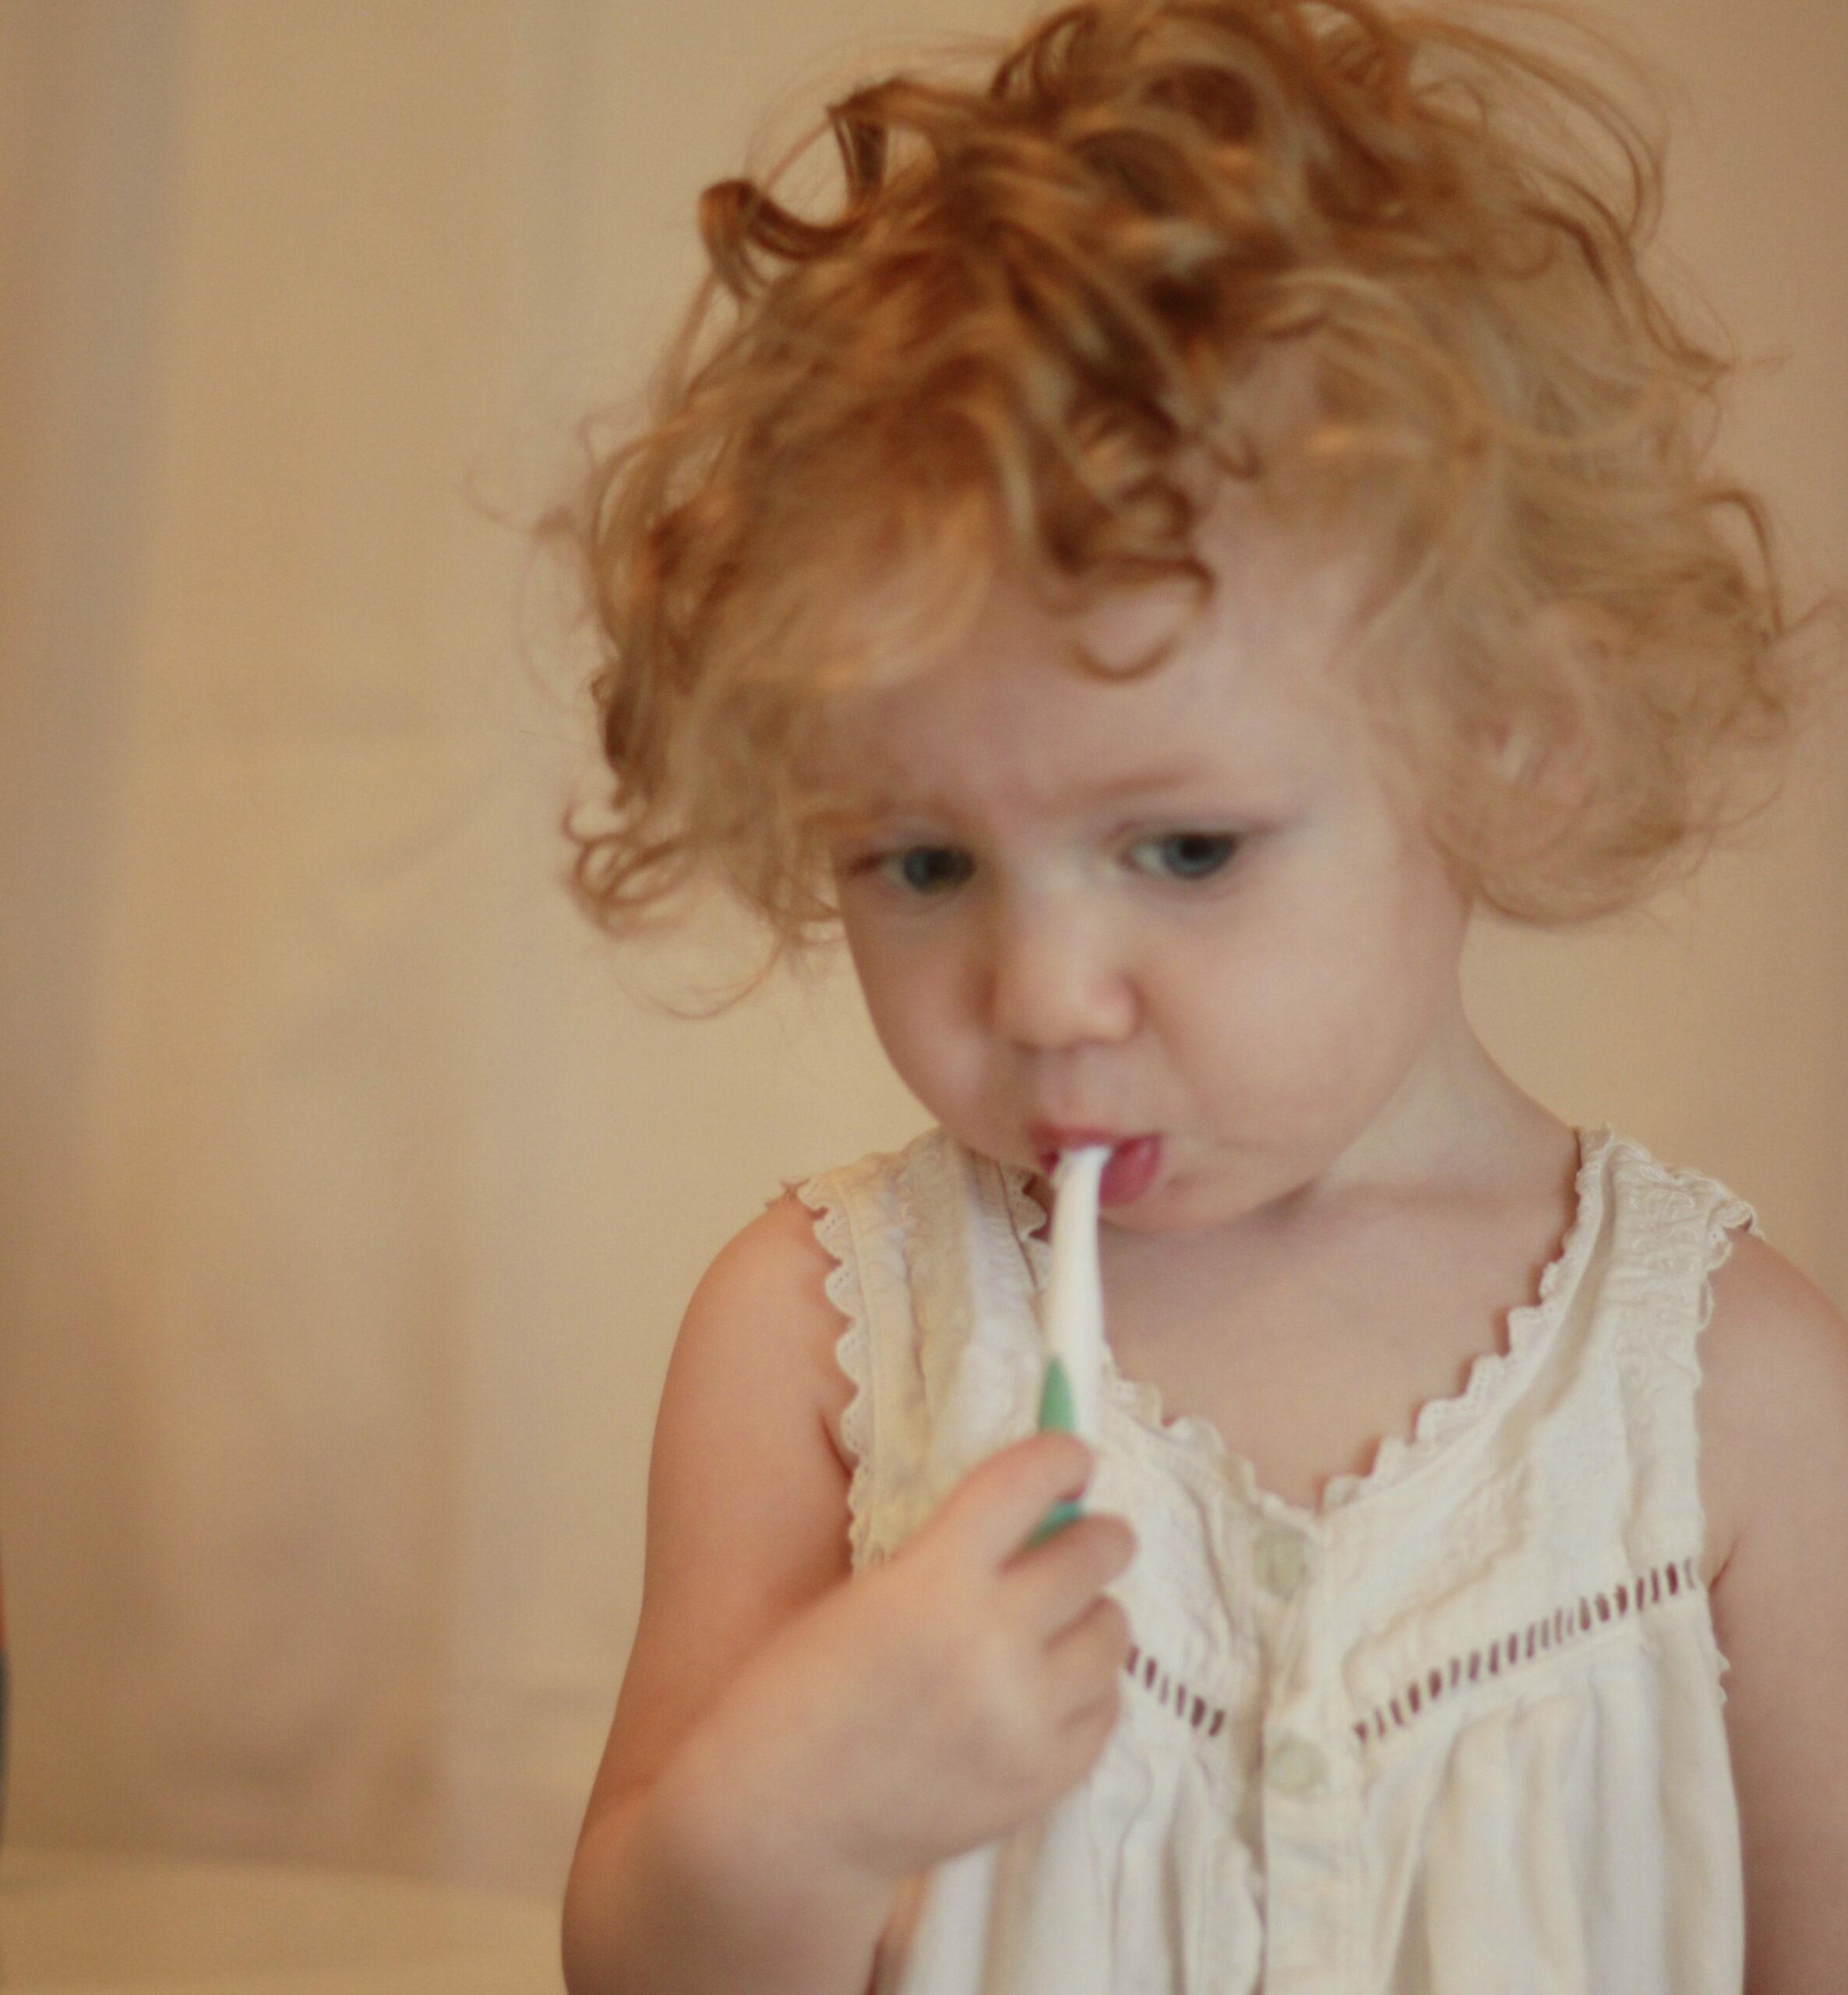 Ce să nu conțină o pastă de dinți pentru copii